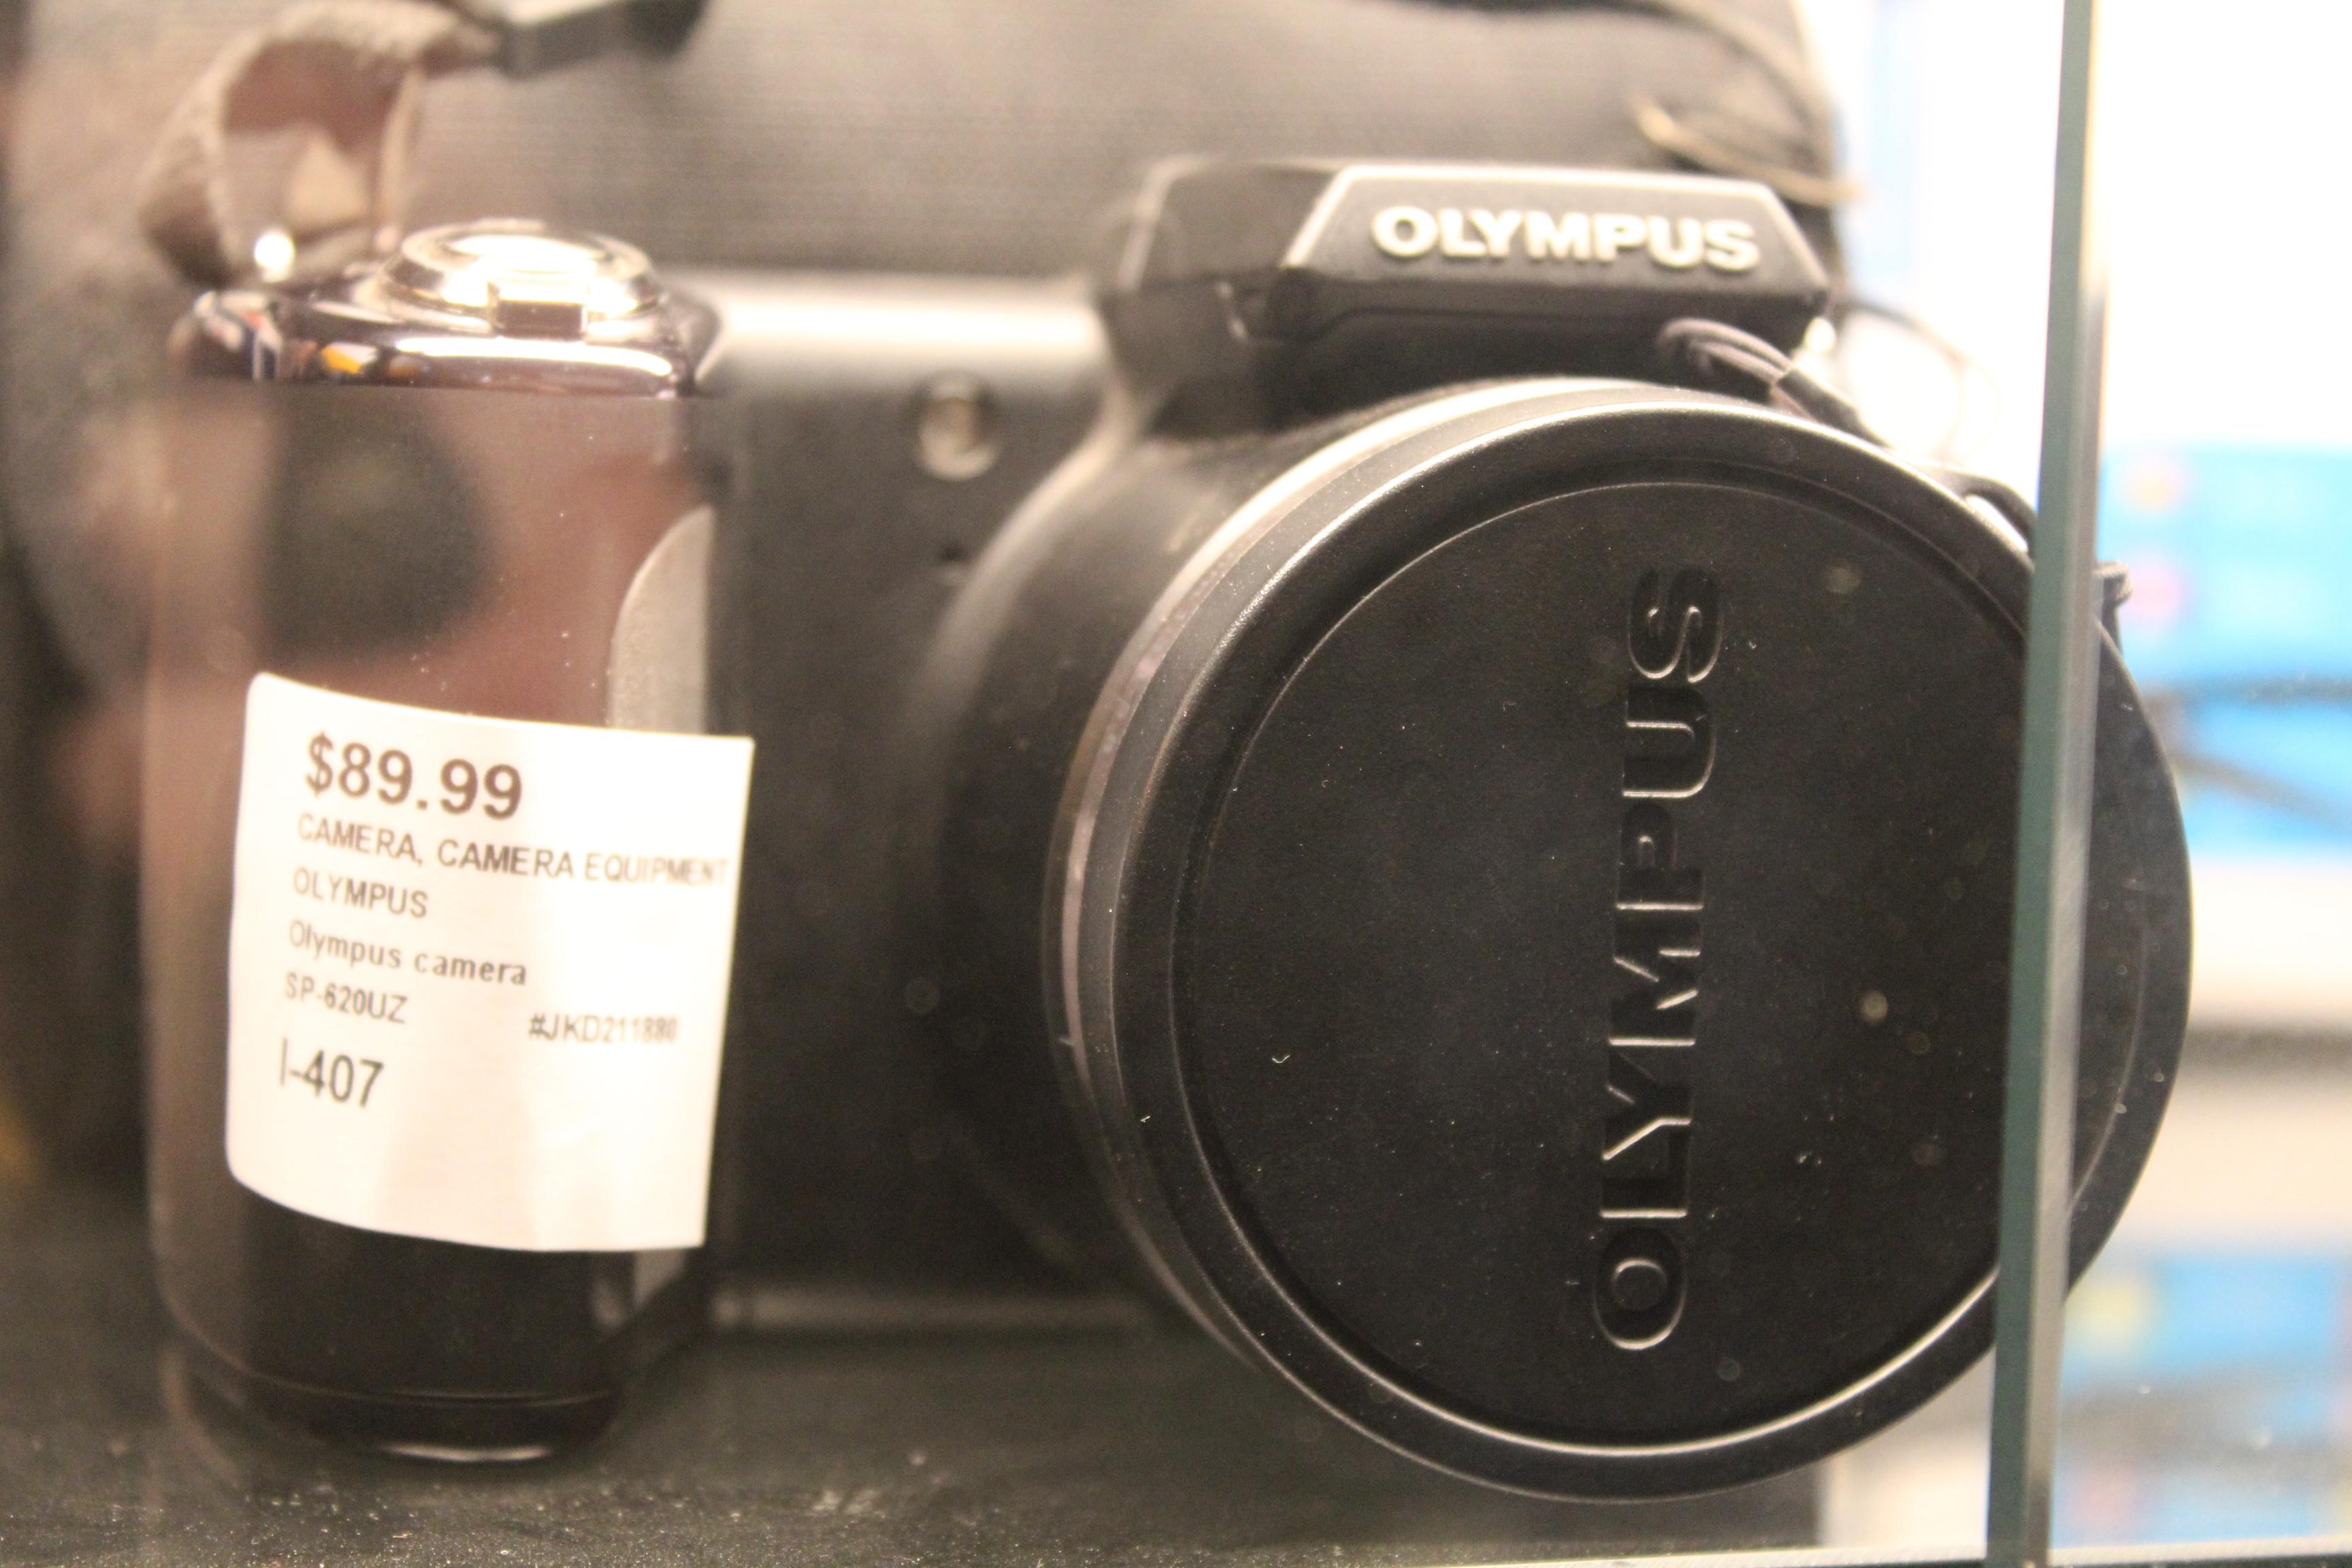 OLYMPUS - SP-620UZ - CAMERA